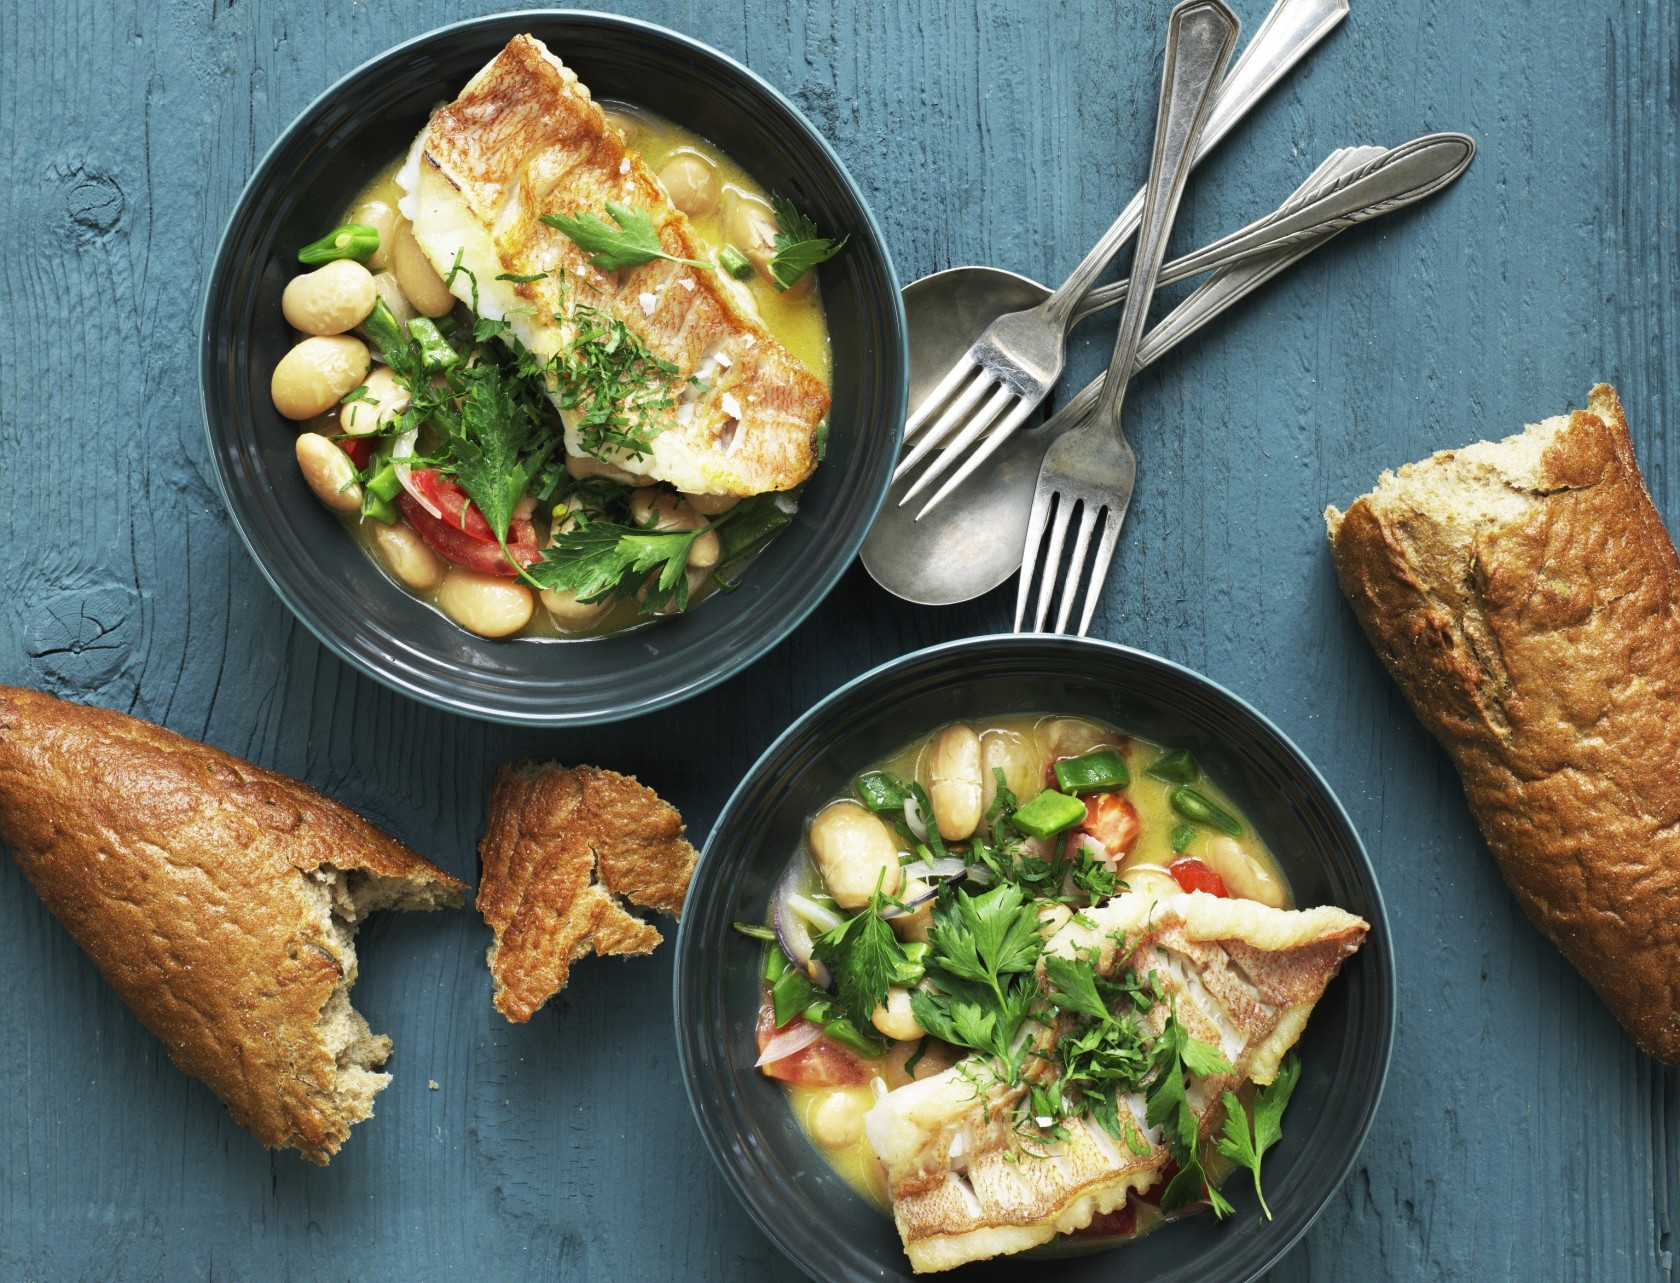 Rødfisk smager fantastisk, når den skindsteges og serveres på en bønnestuvning.